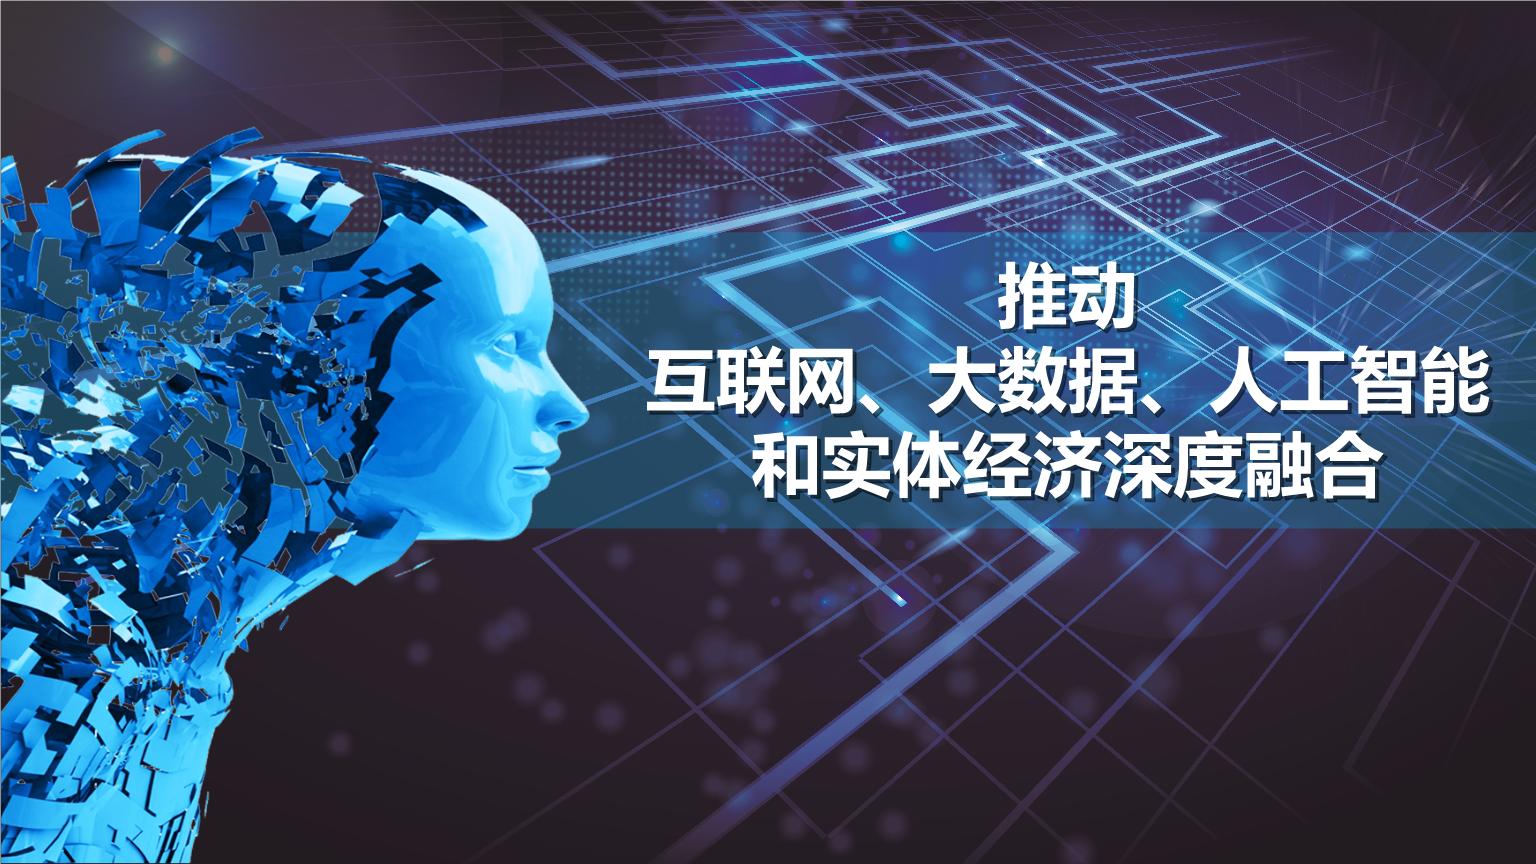 人工智能的问题(人工智能引发的法律问题)